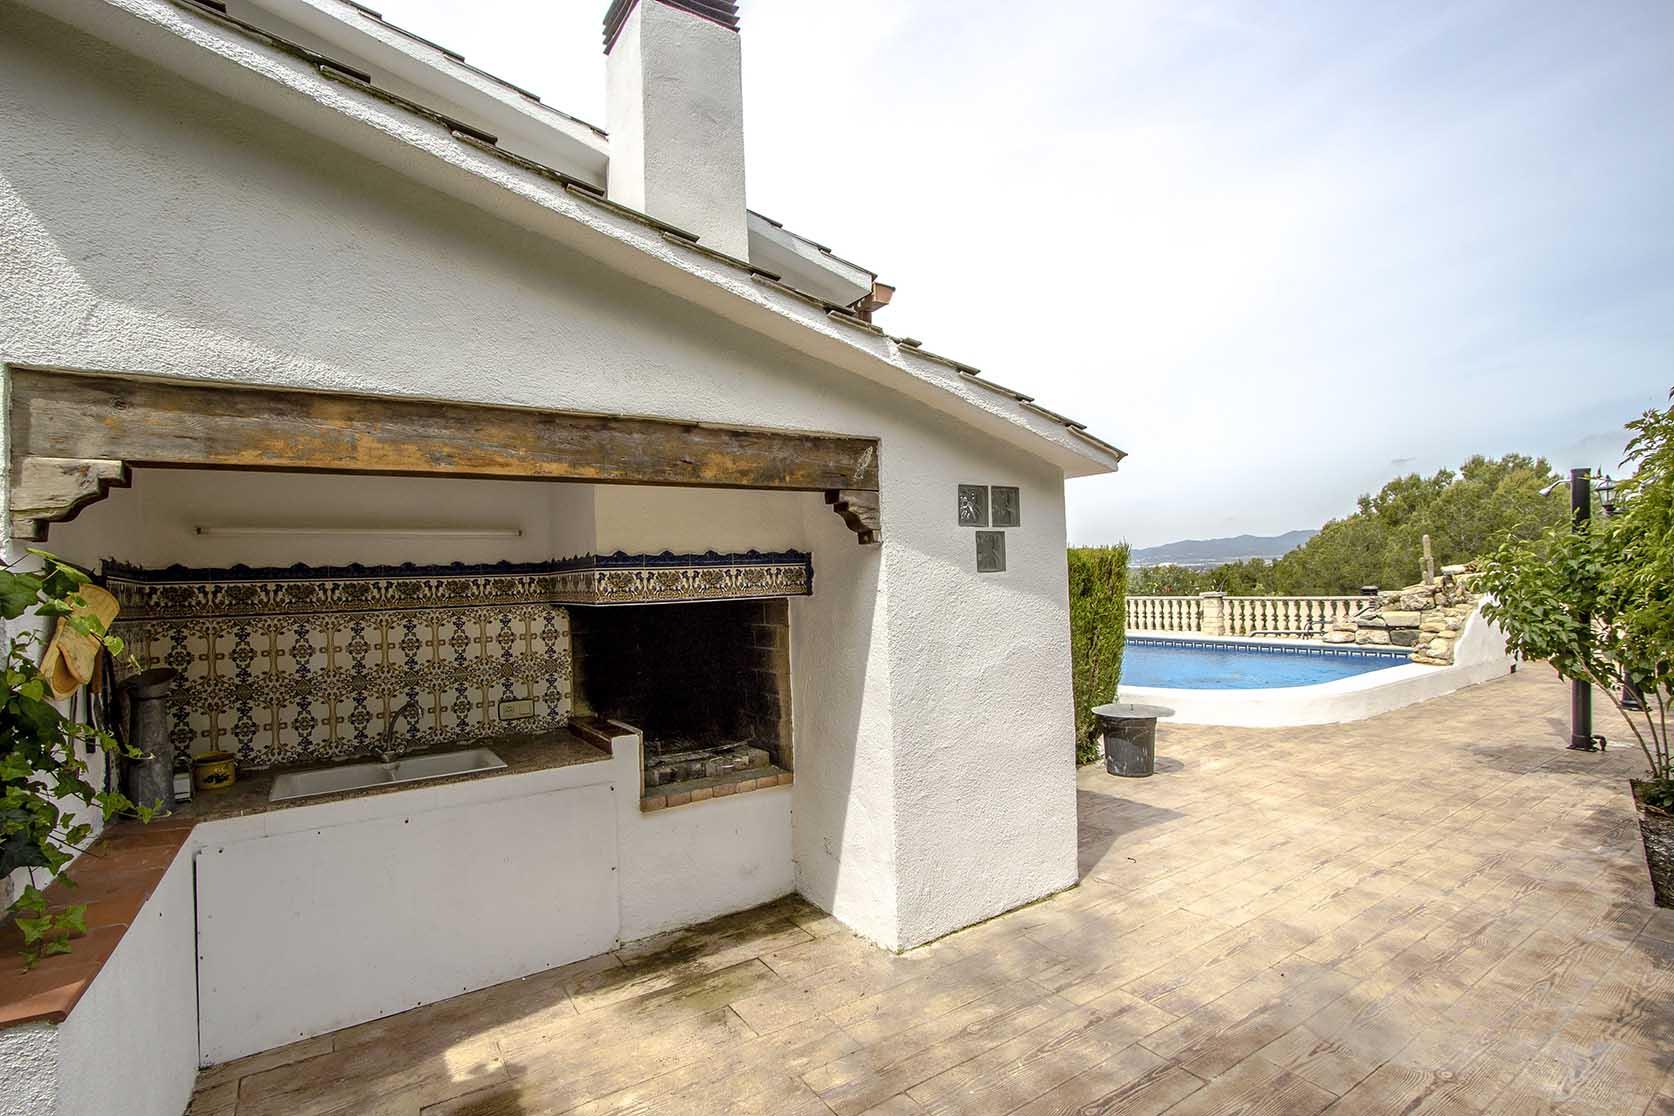 Ferienhaus Catalunya Casas: Lovely villa in Castellet, only 10 min to Costa Dorada beaches! (1890850), Castellet i la Gornal, Costa del Garraf, Katalonien, Spanien, Bild 34